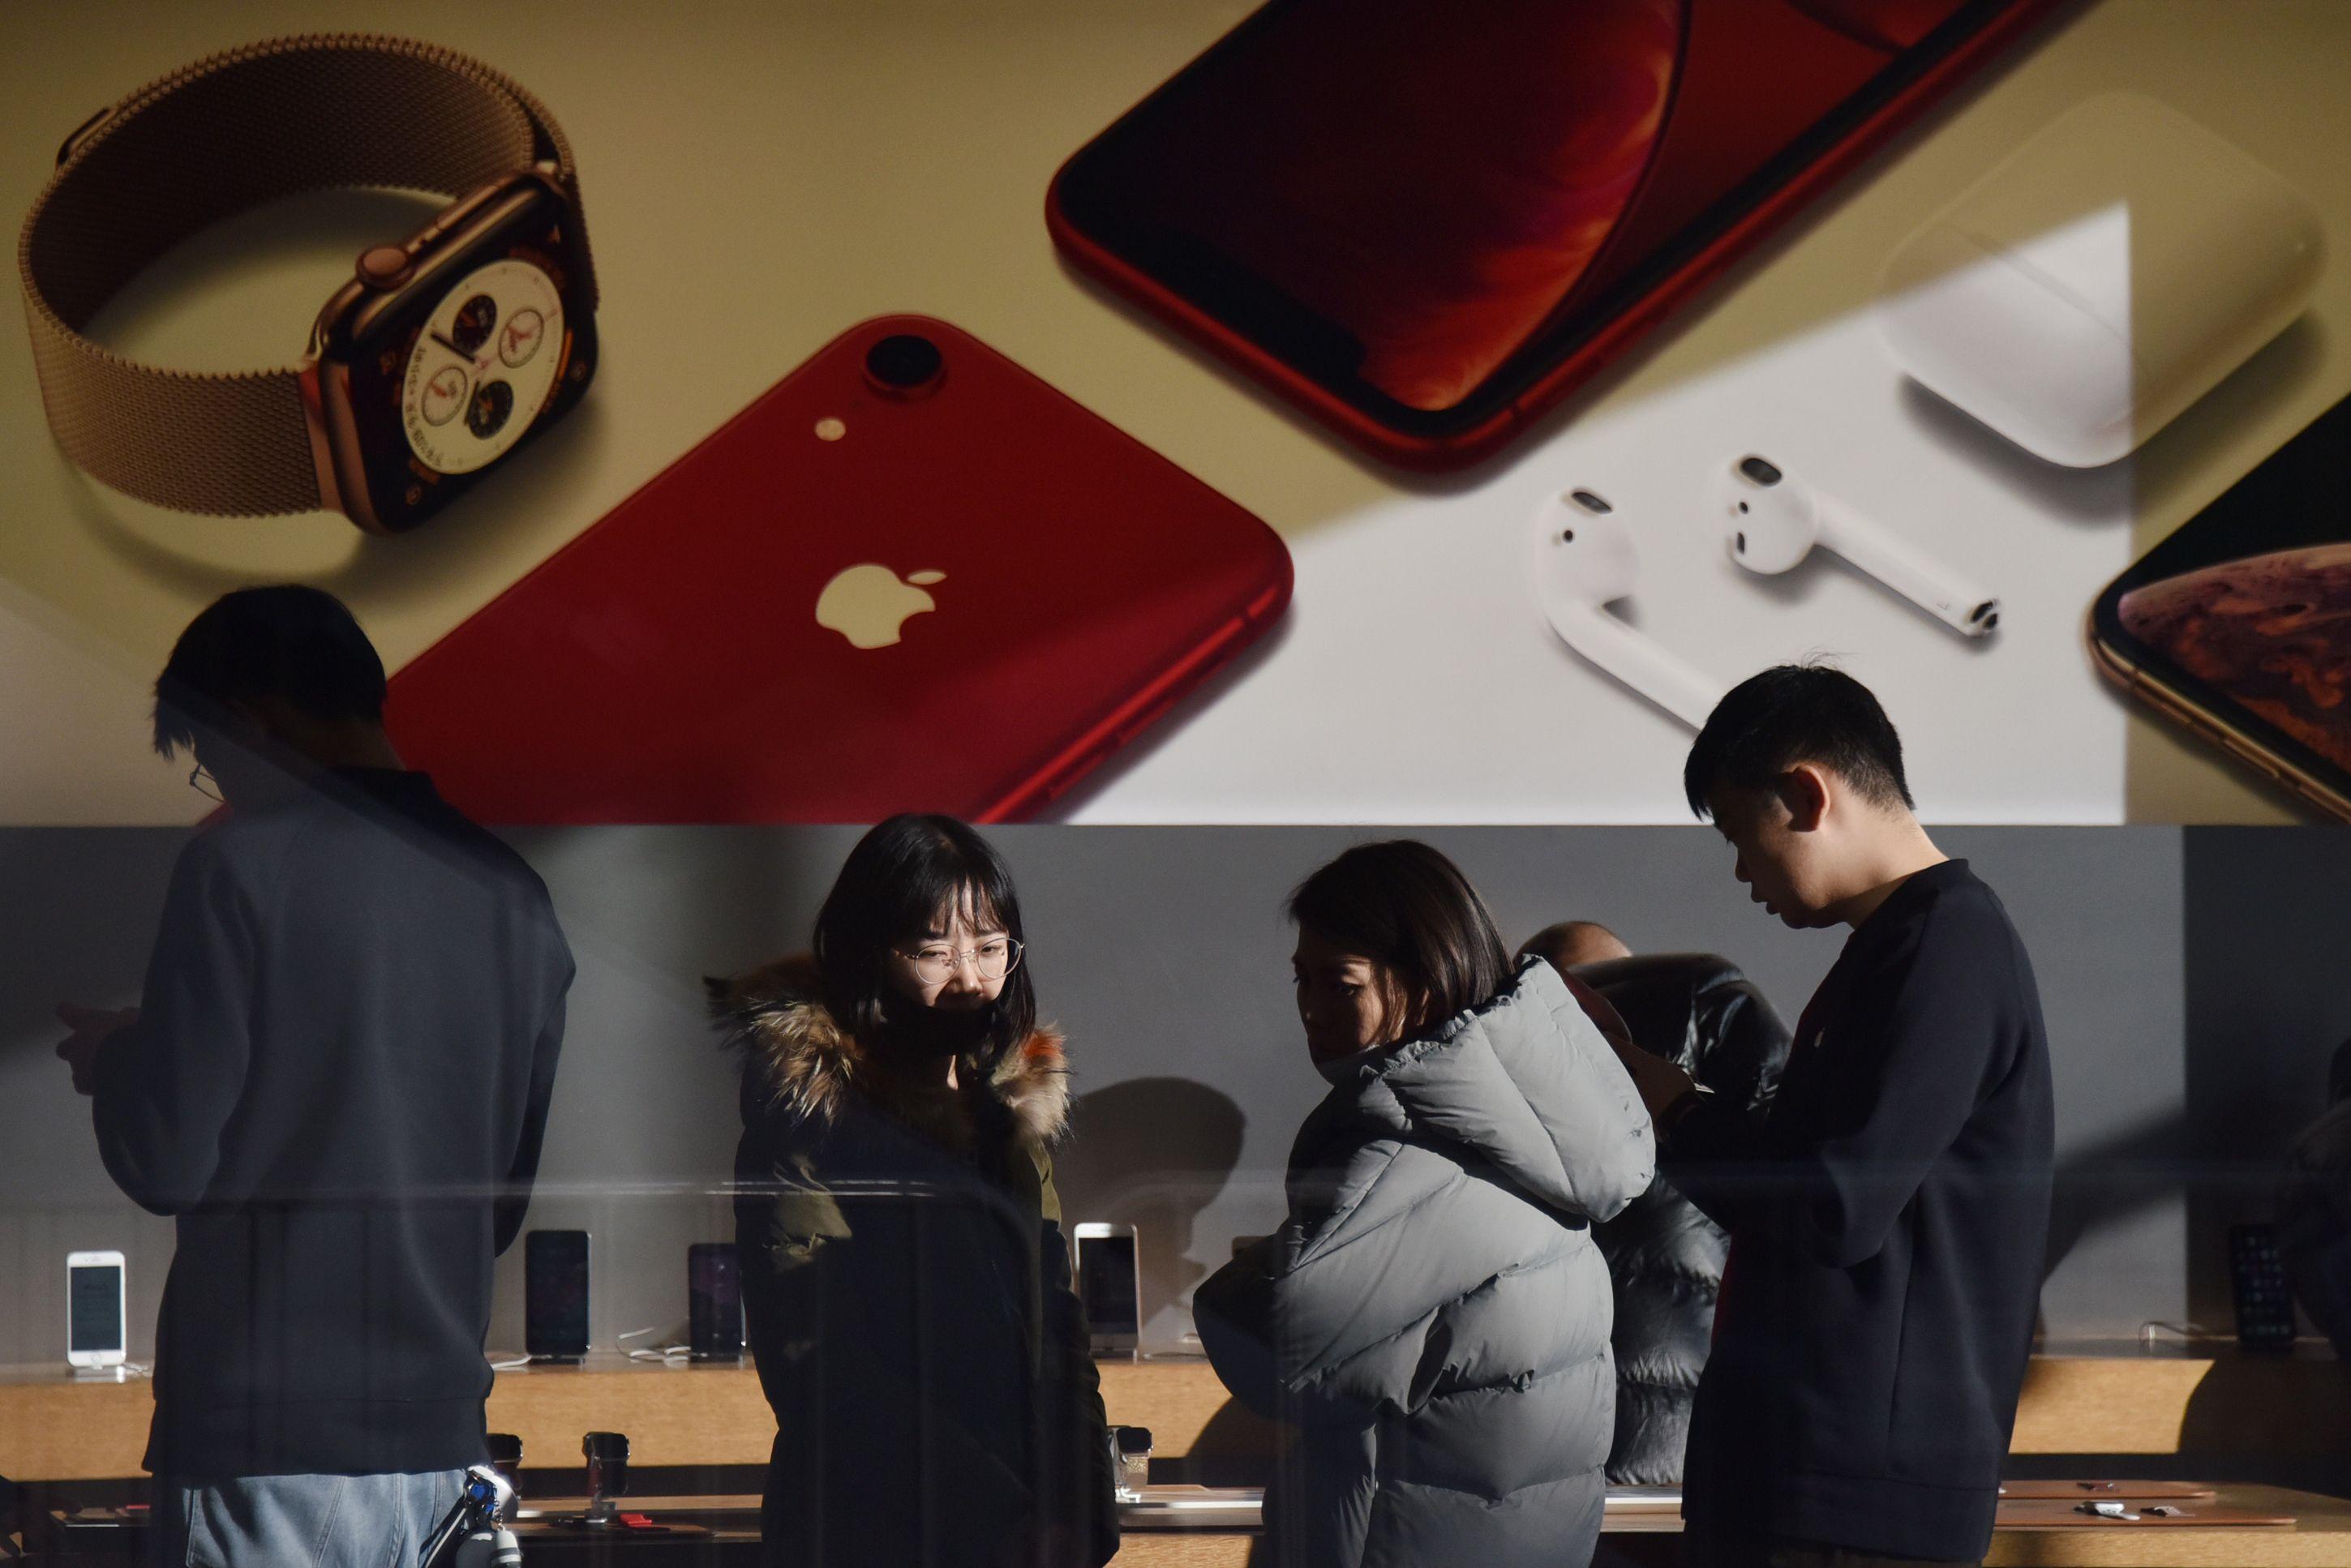 分析:蘋果技術在中國被偷是存在已久問題